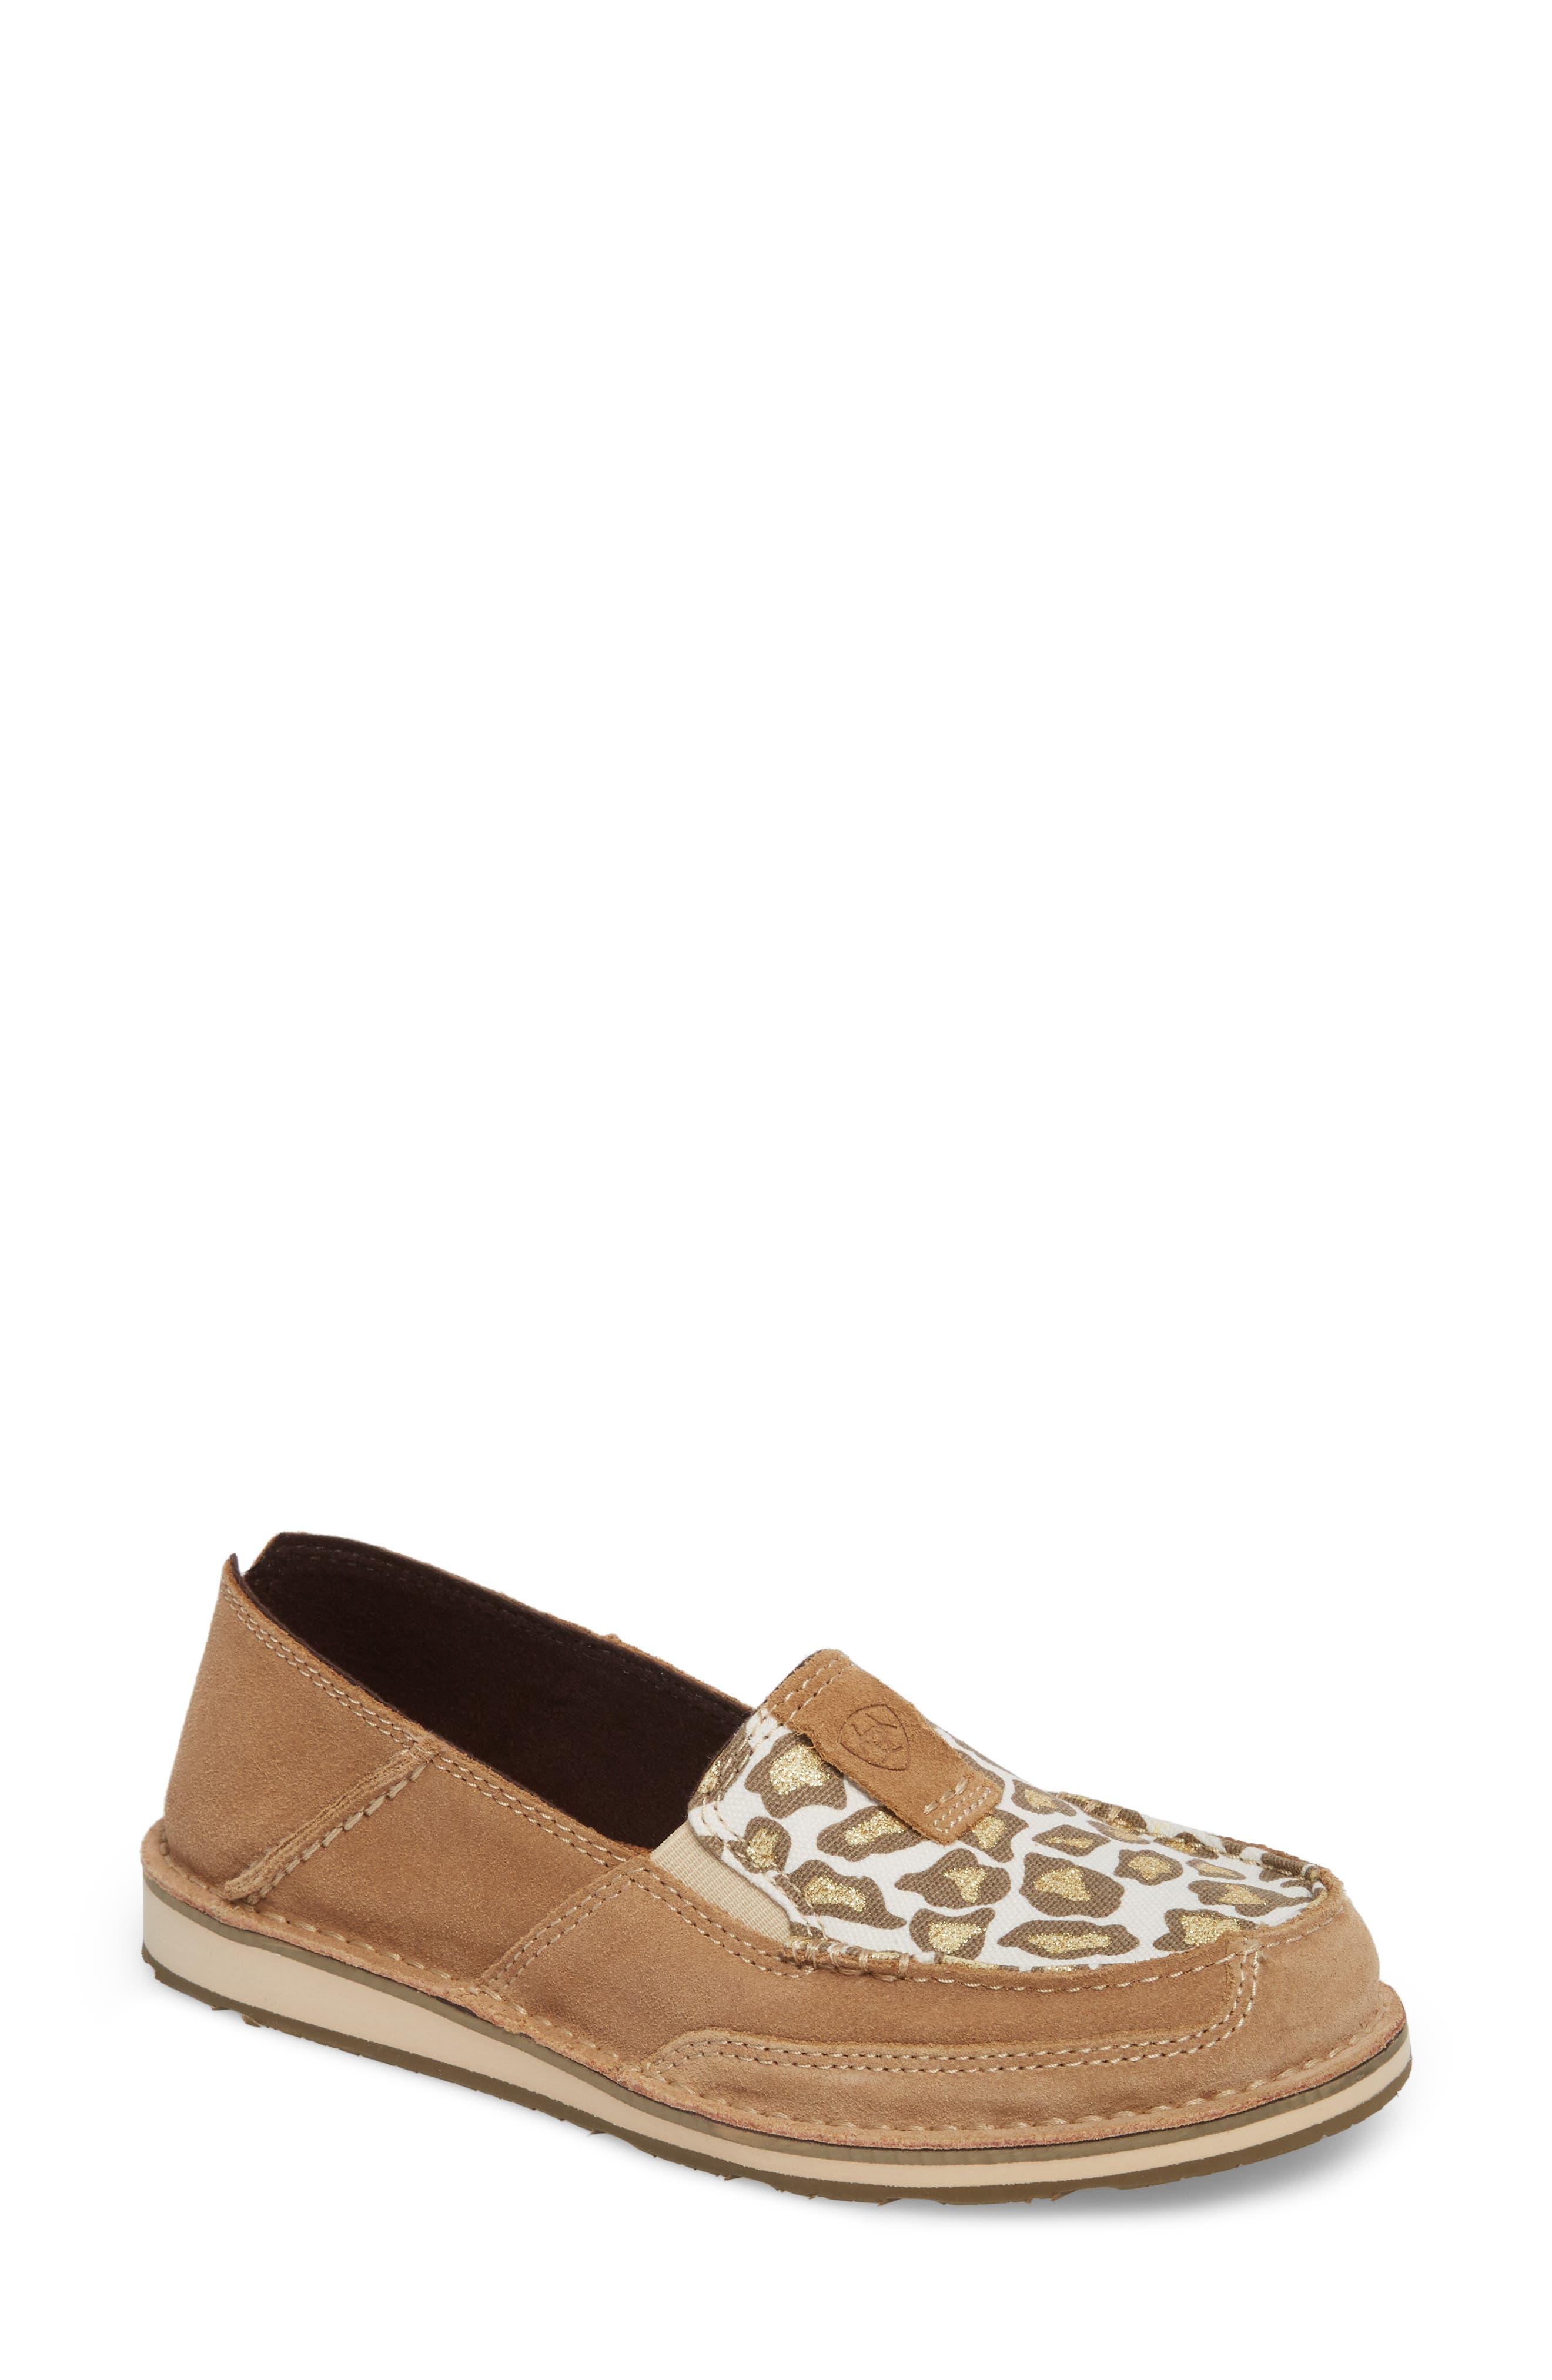 Main Image - Ariat Cruiser Slip-On Loafer (Women)